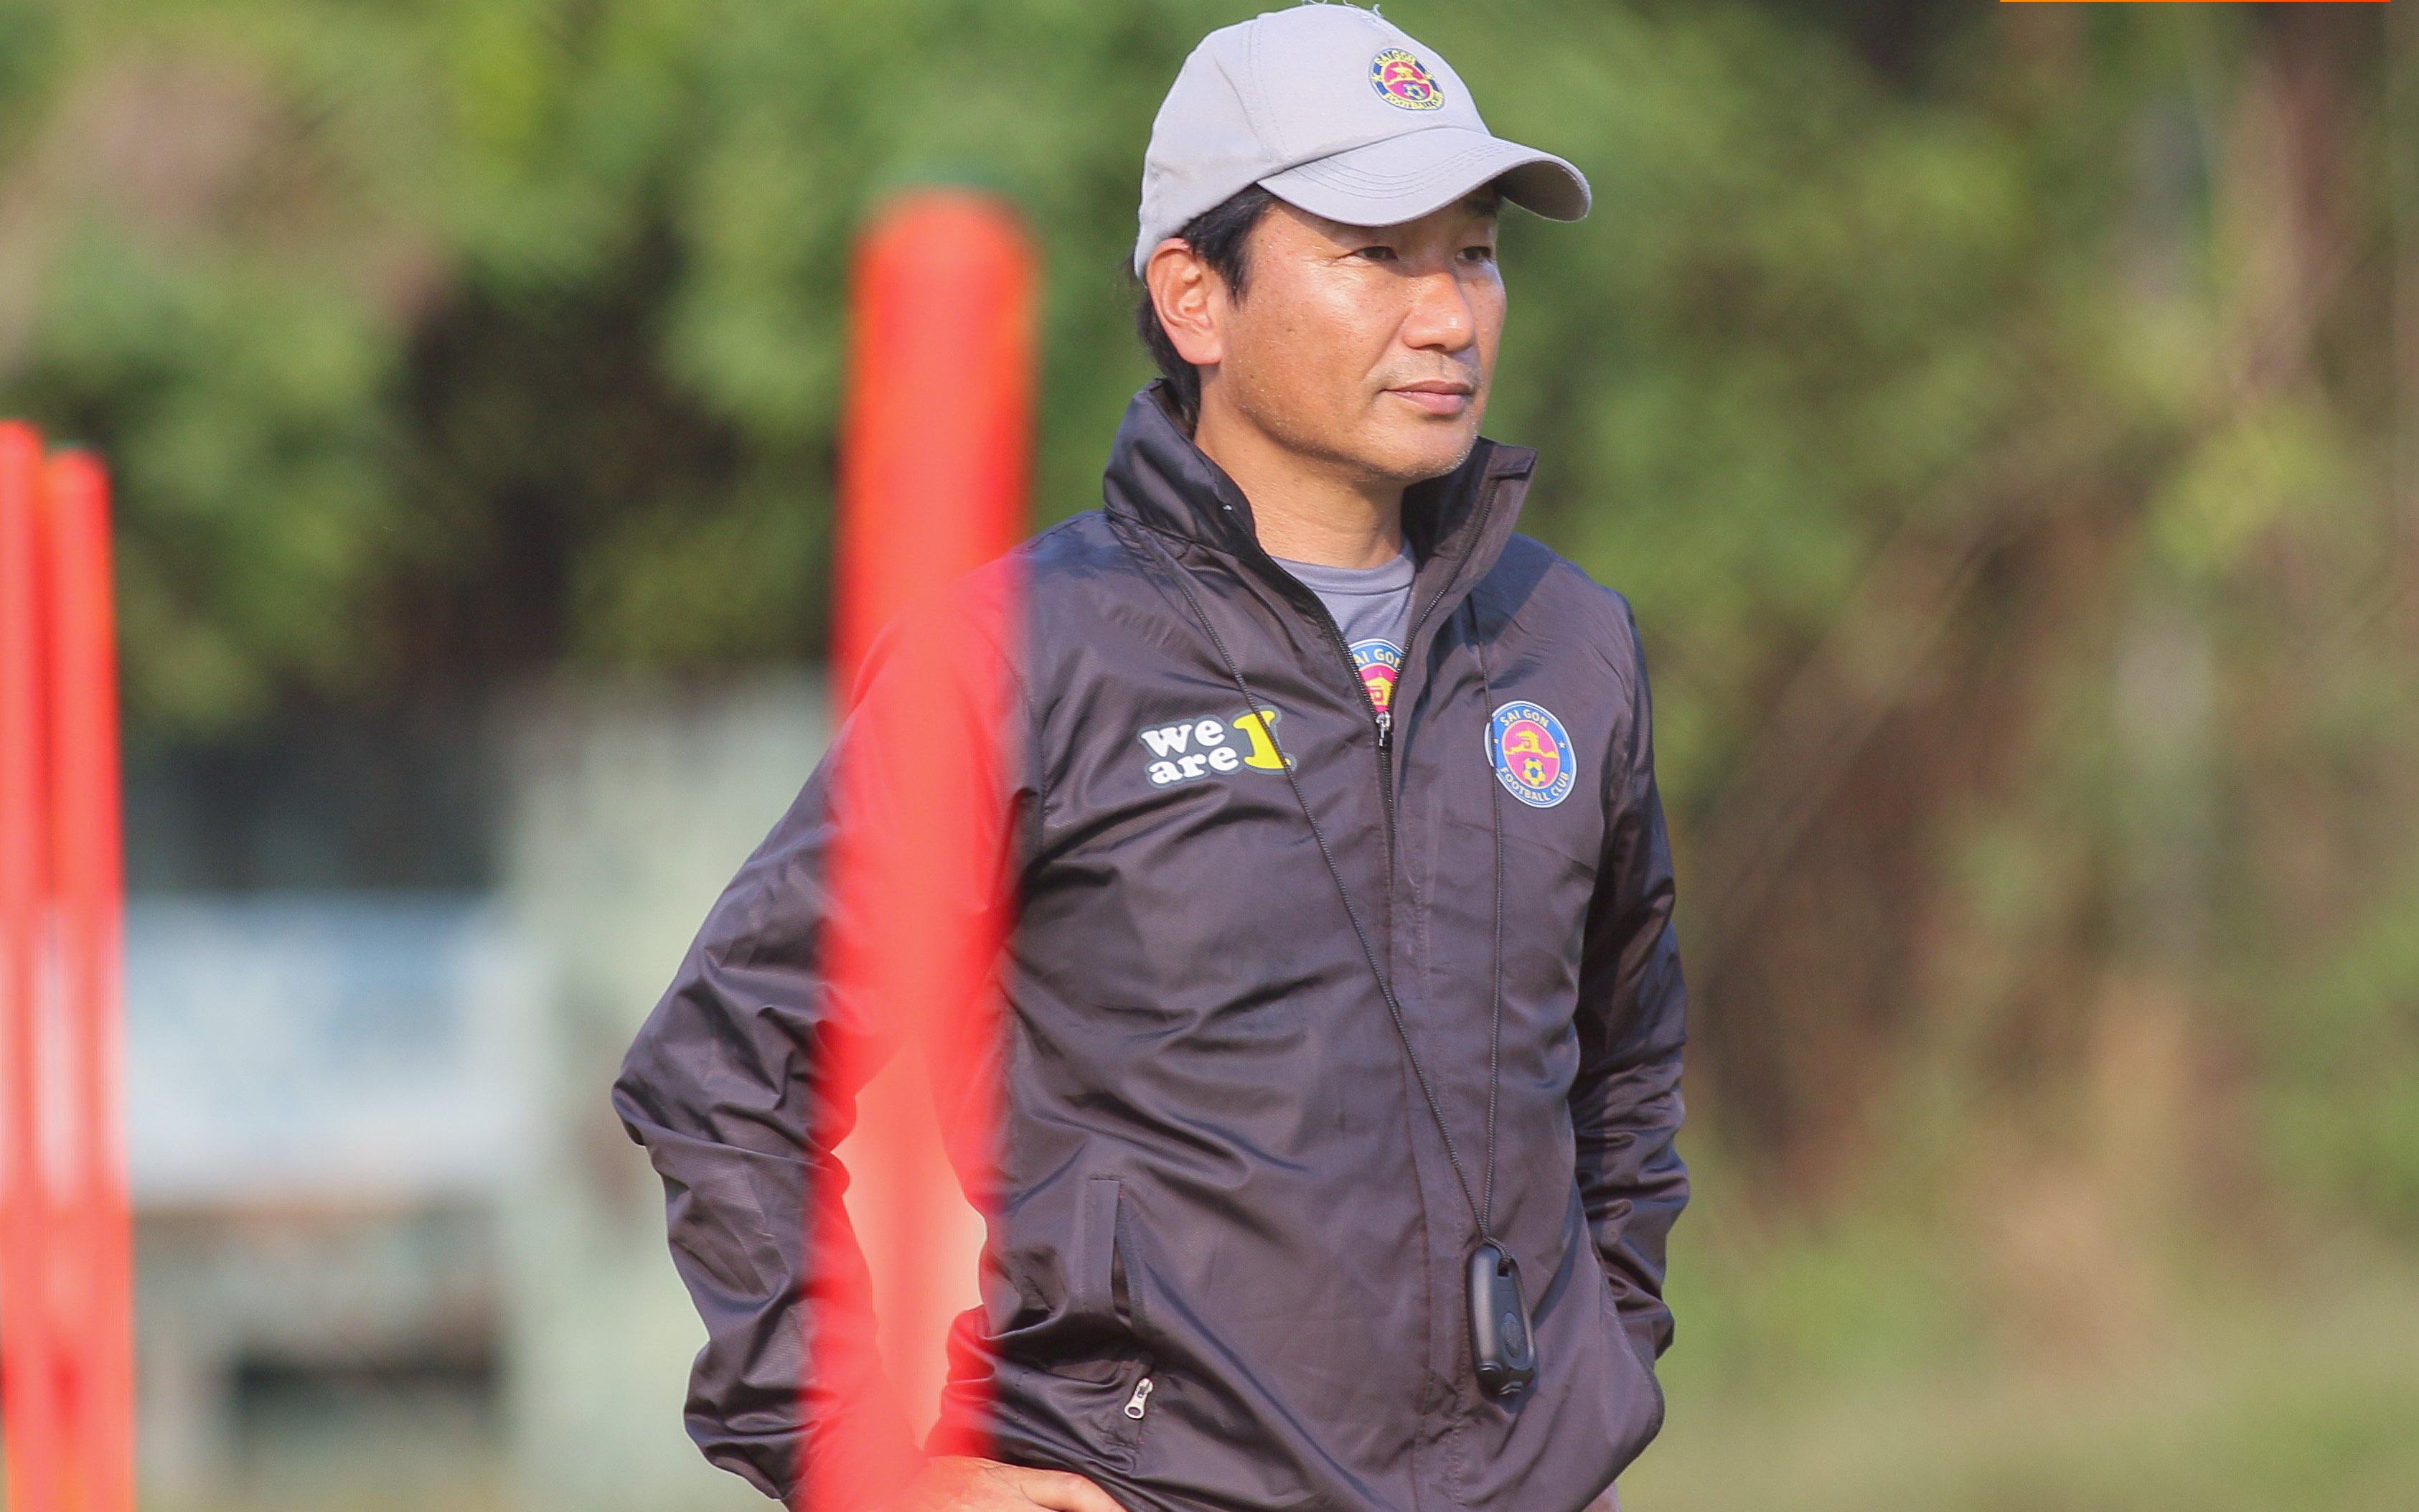 Chân dung HLV mới của Sài Gòn FC: Giải nghệ ở tuổi 27, từng được đào tạo ở Brazil